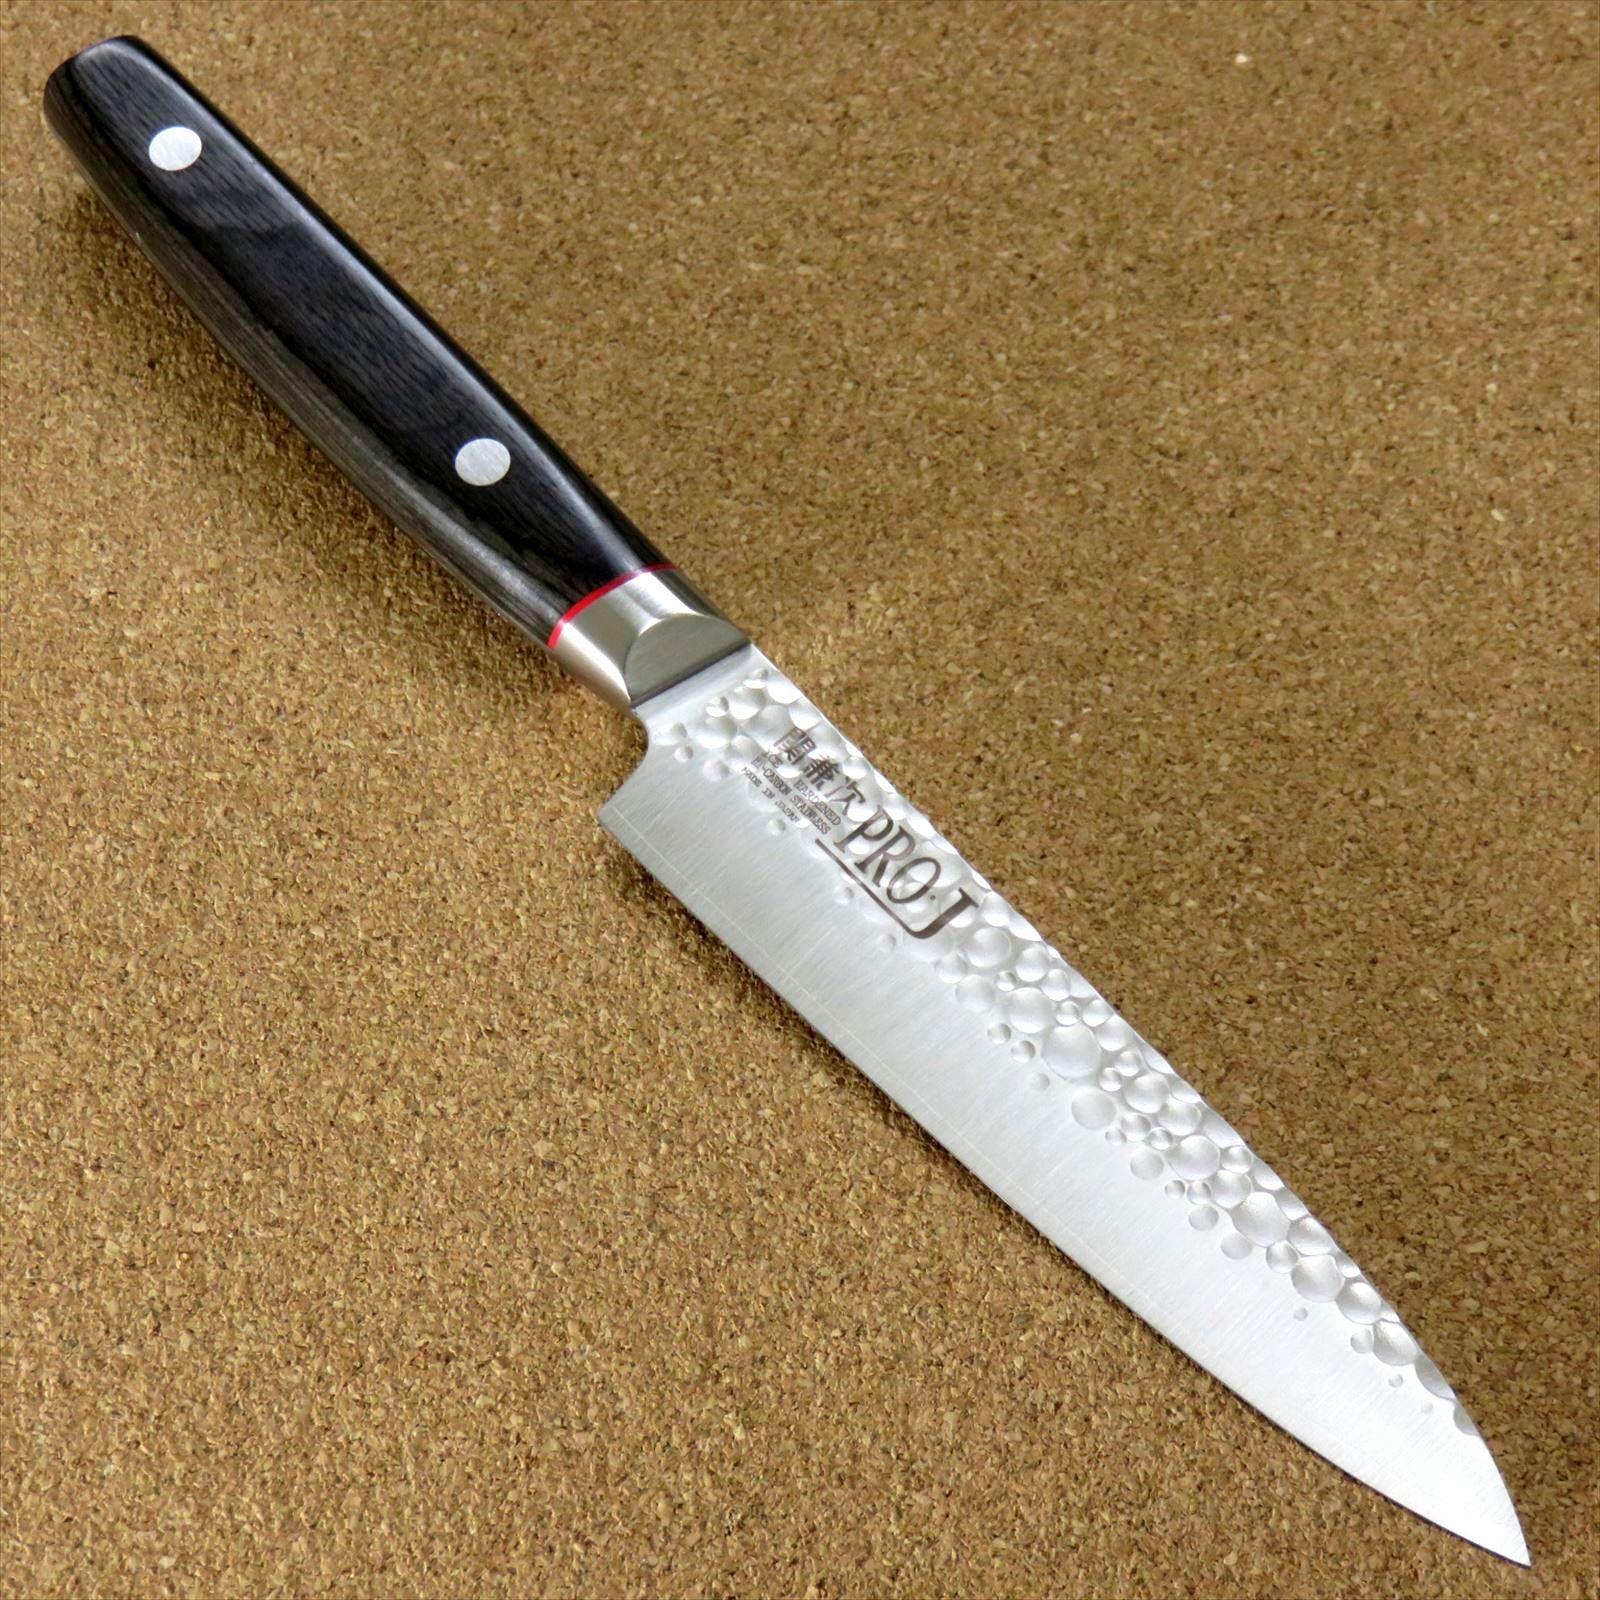 Japonais PRO-J cuisine PETTY Couteau 120 mm 4.7  marteau forgé SEKI JAPAN